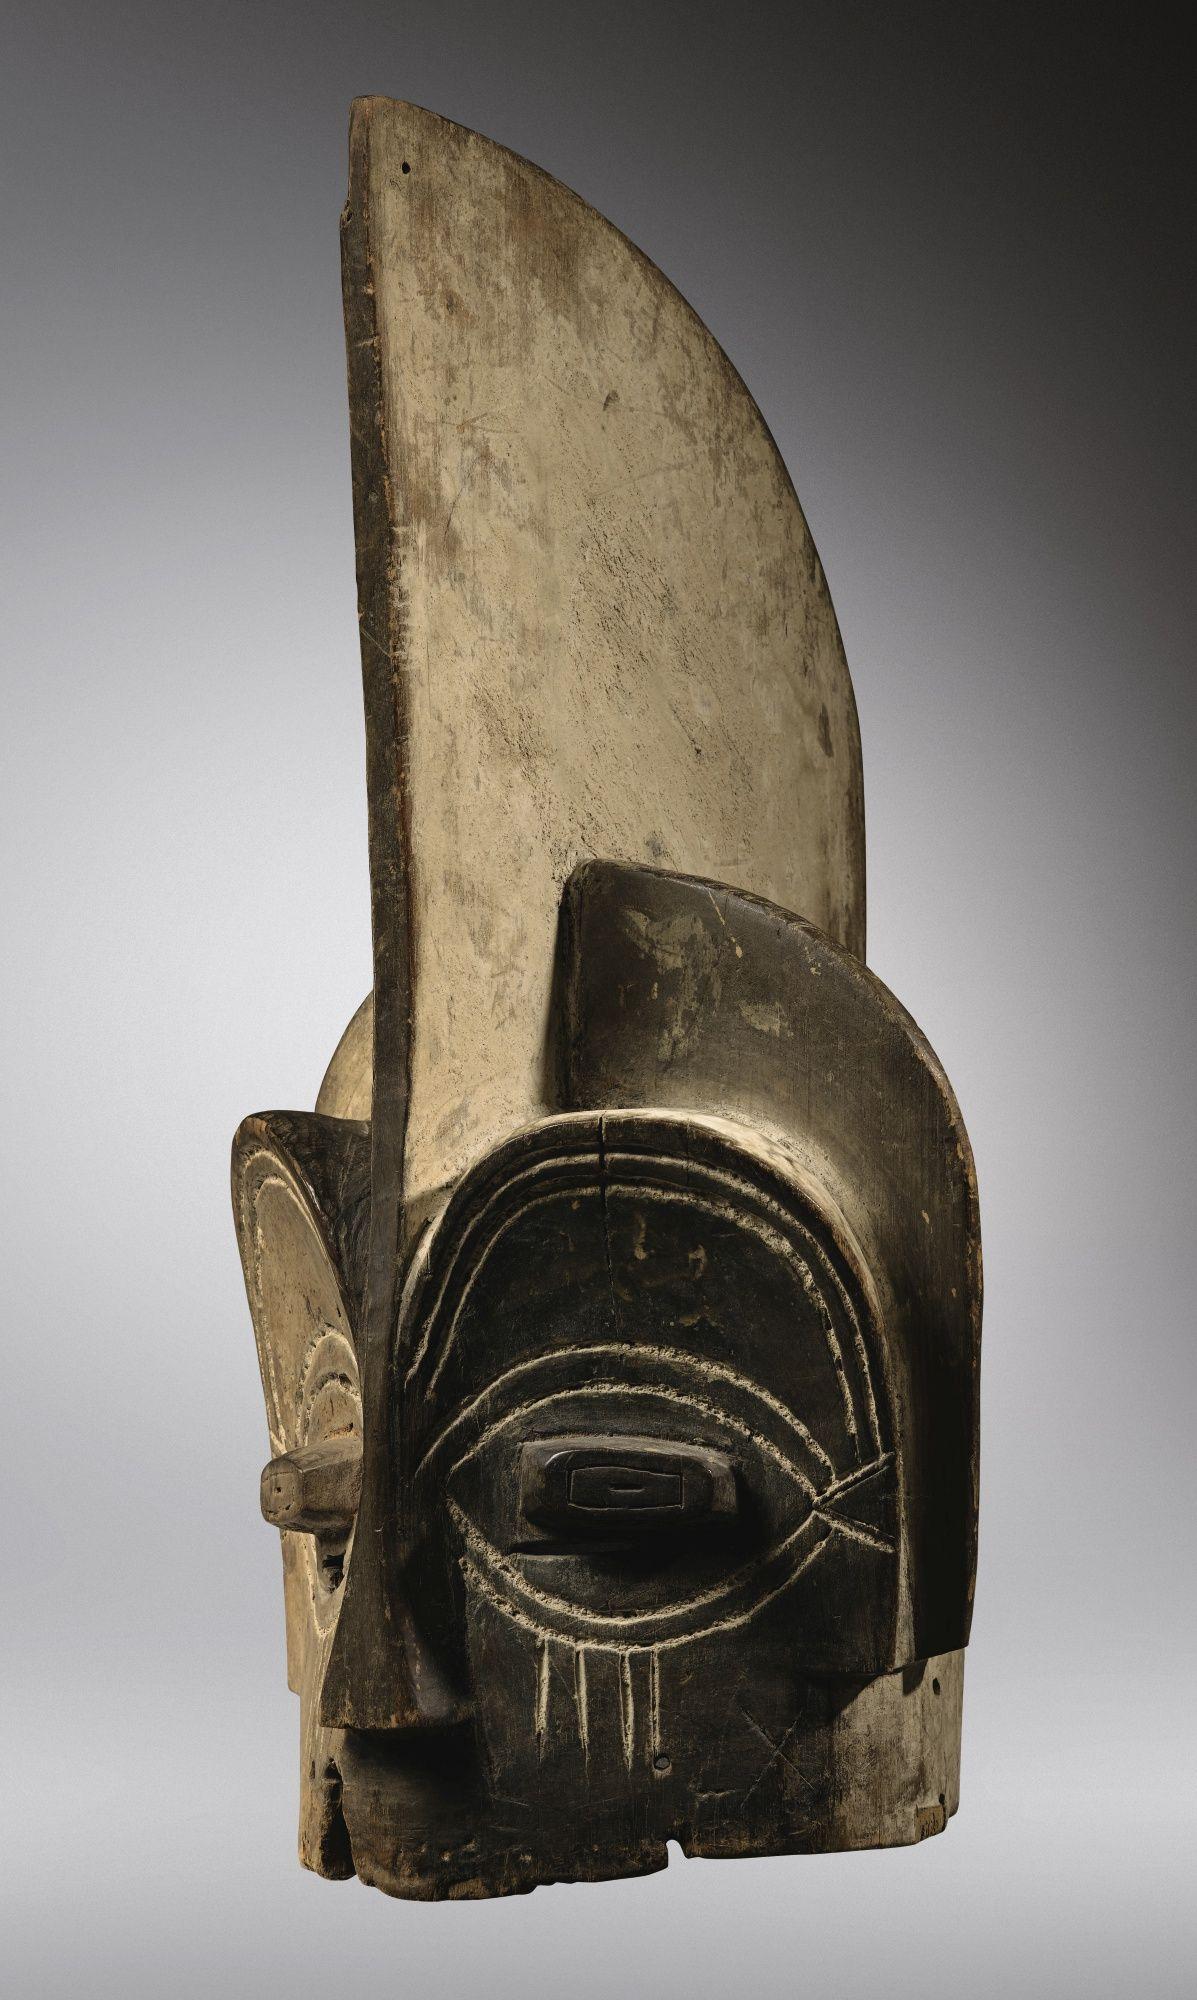 13152db07f0 Kota mask headdress